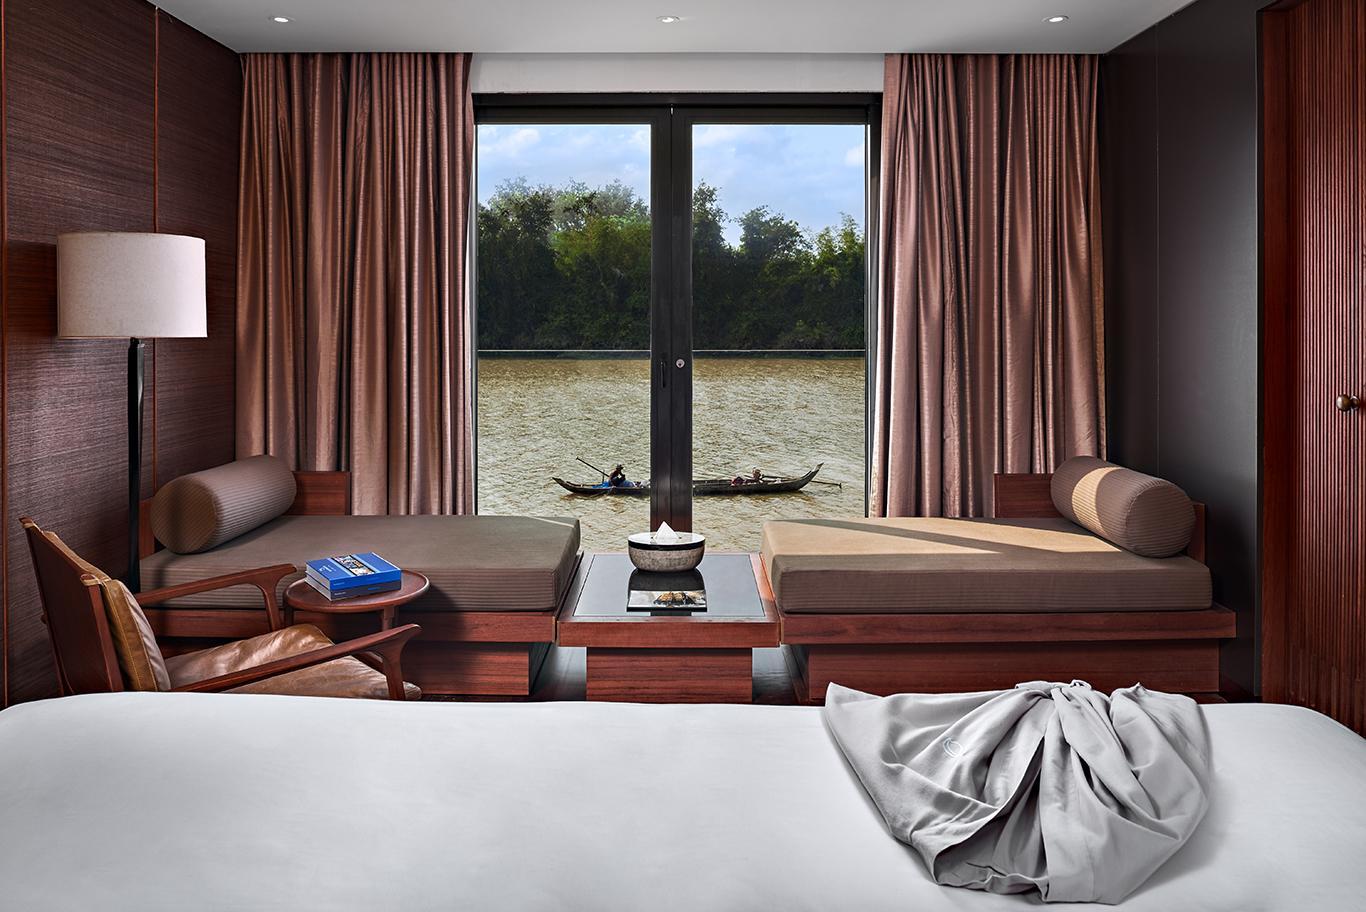 Blick aus einer Suite auf der Aqua Mekong in Kambodscha